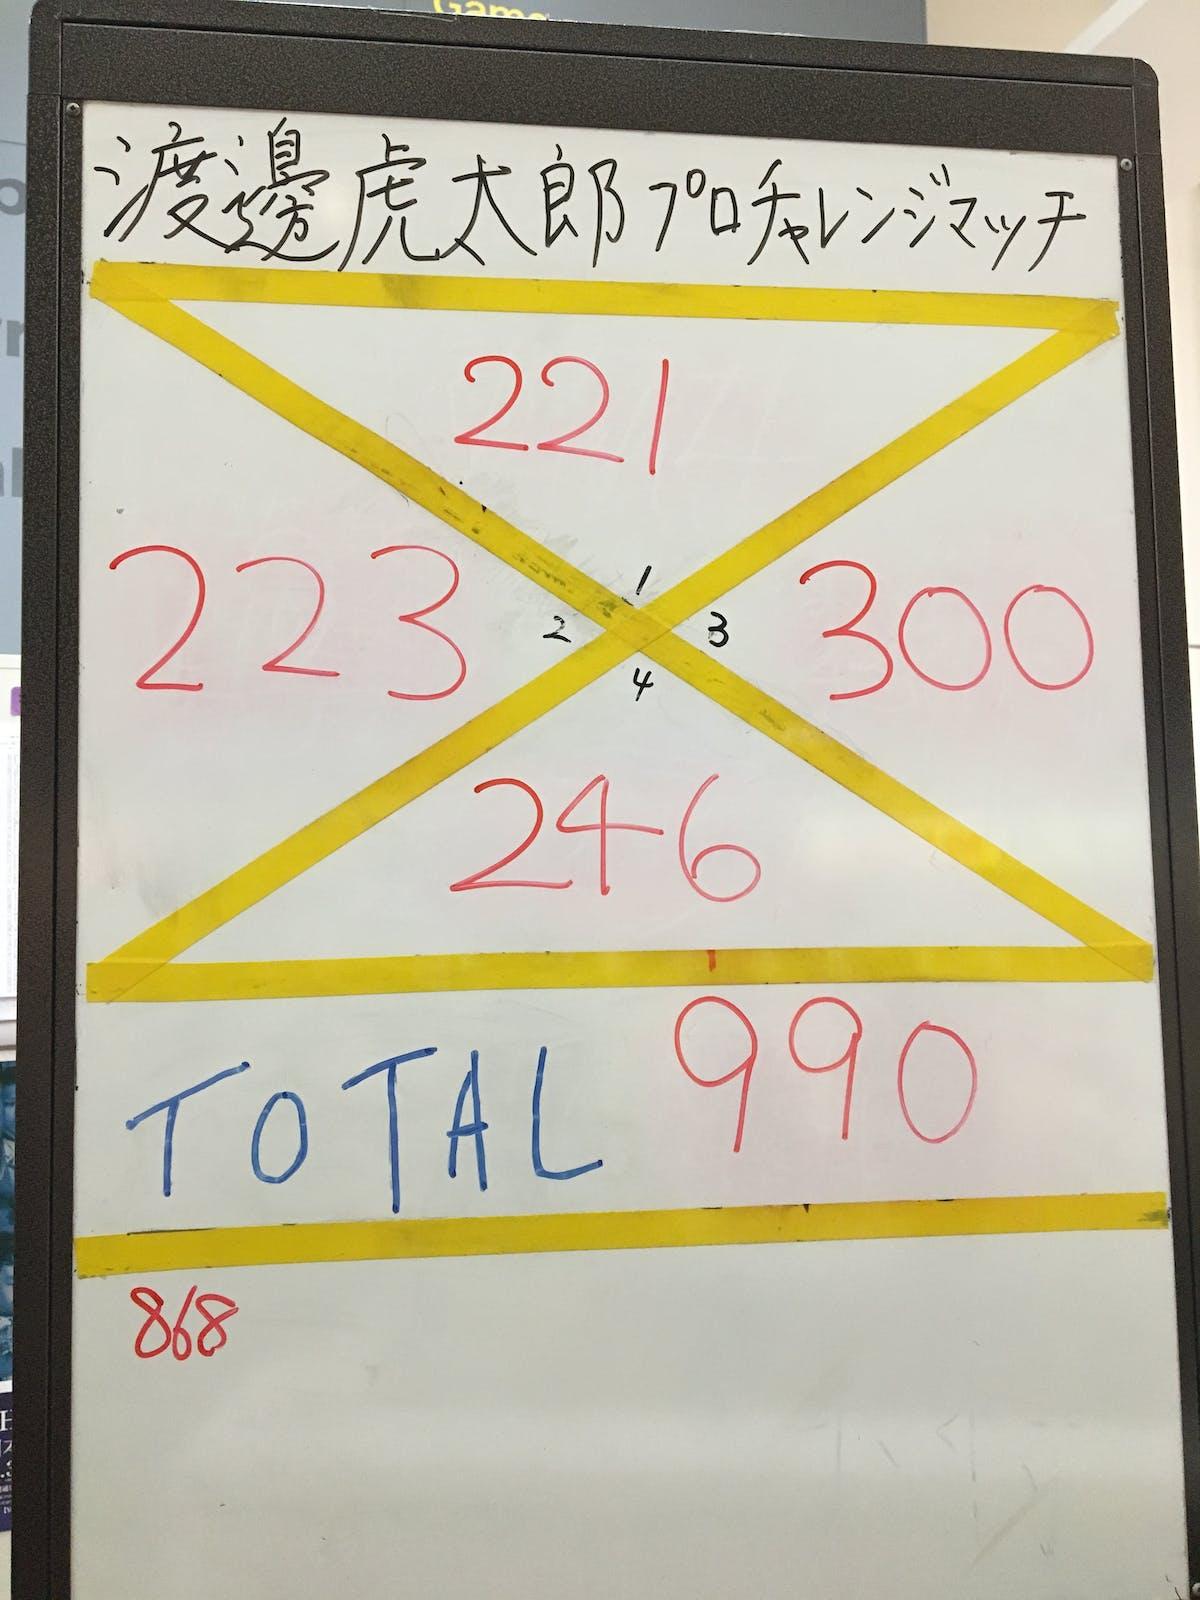 364864CB-A91C-4C60-A9F9-DDB650A29905.jpeg